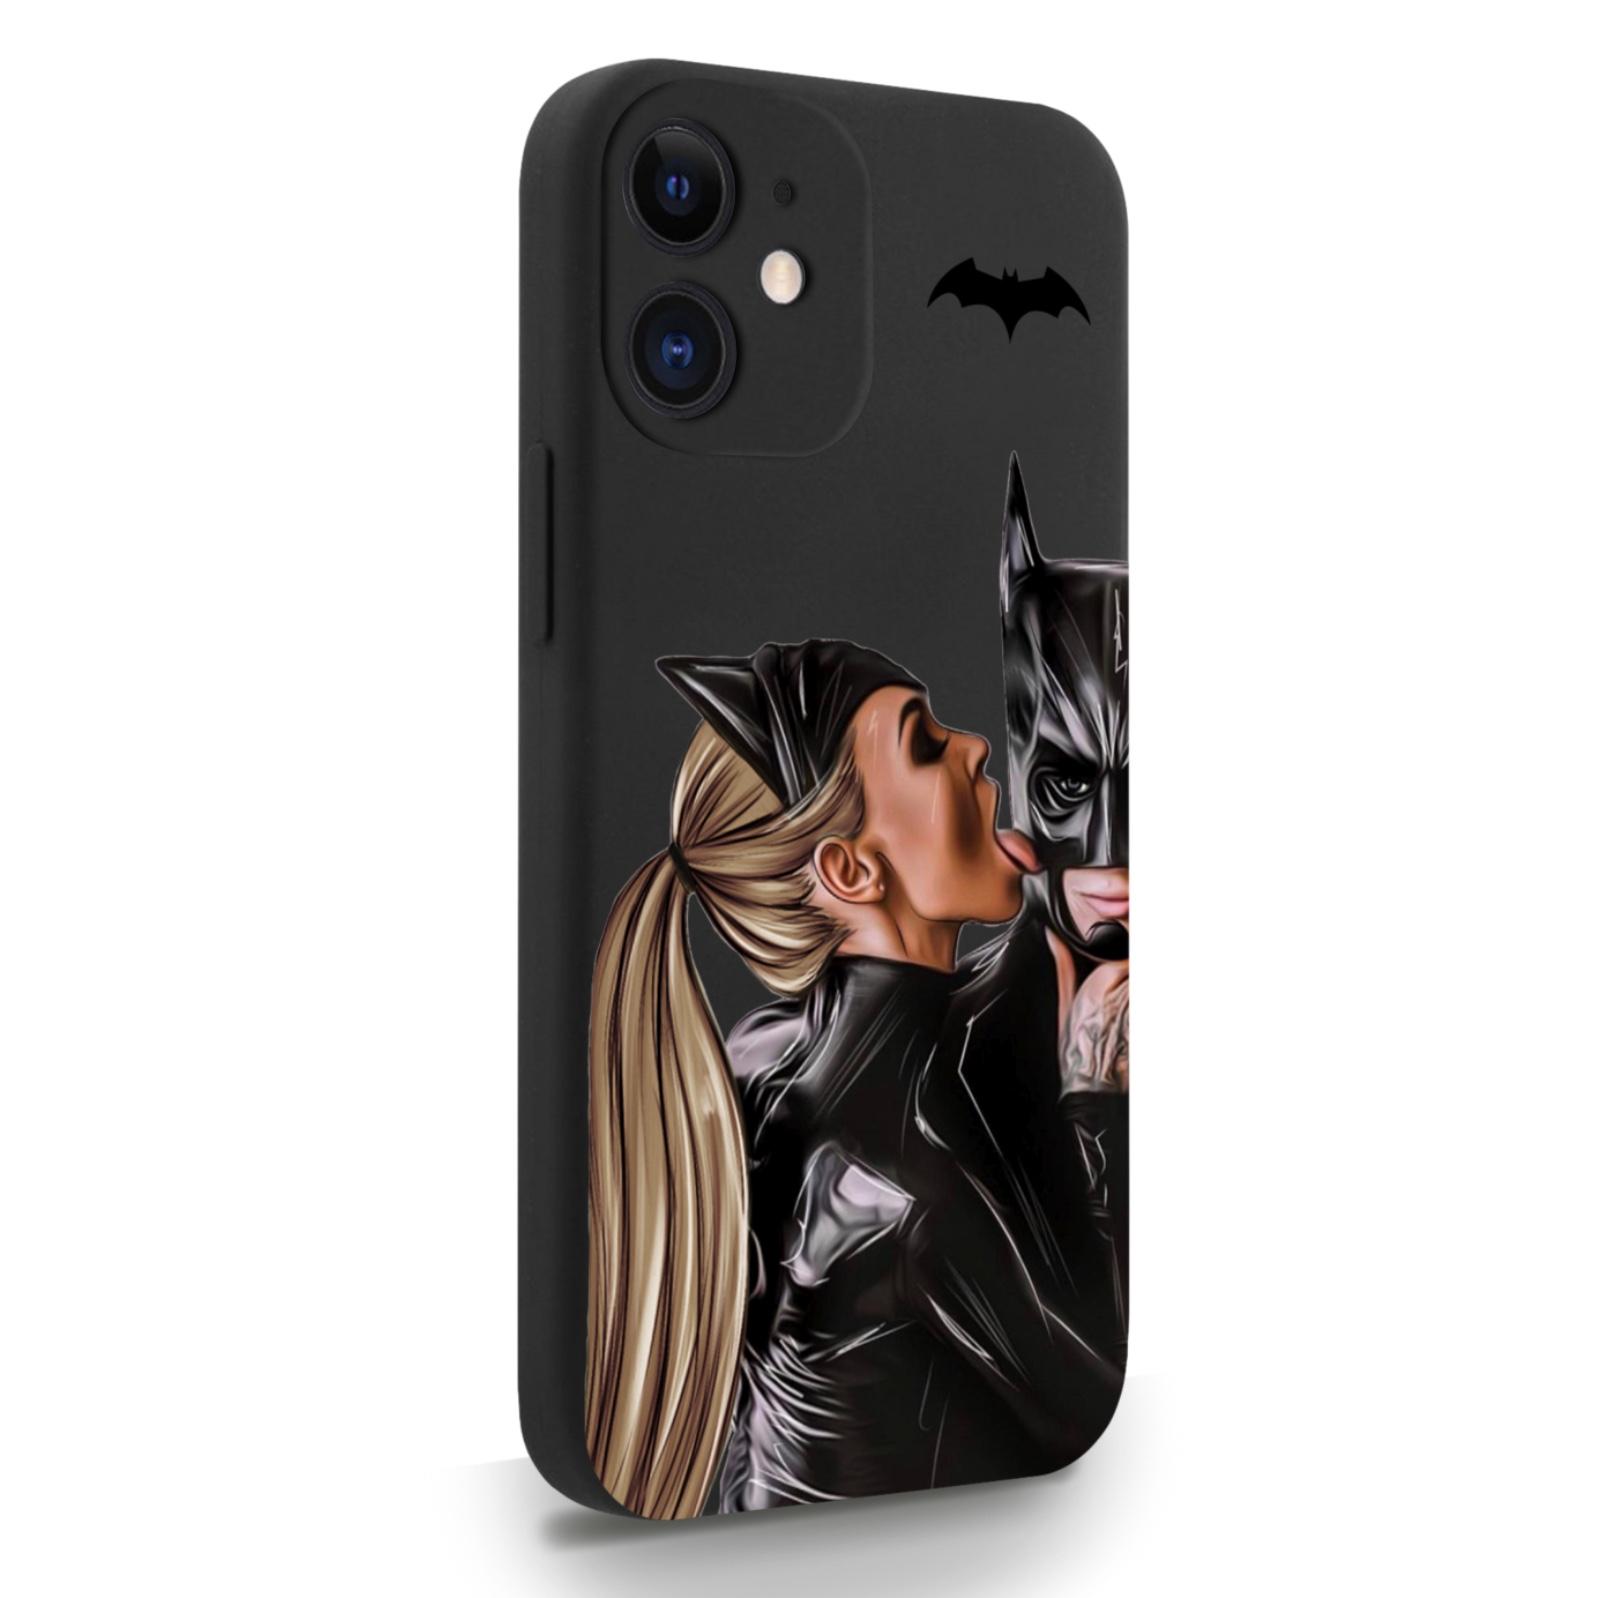 Черный силиконовый чехол для iPhone 12 Mini Cat Woman/ Женщина-кошка и бэтмен для Айфон 12 Мини